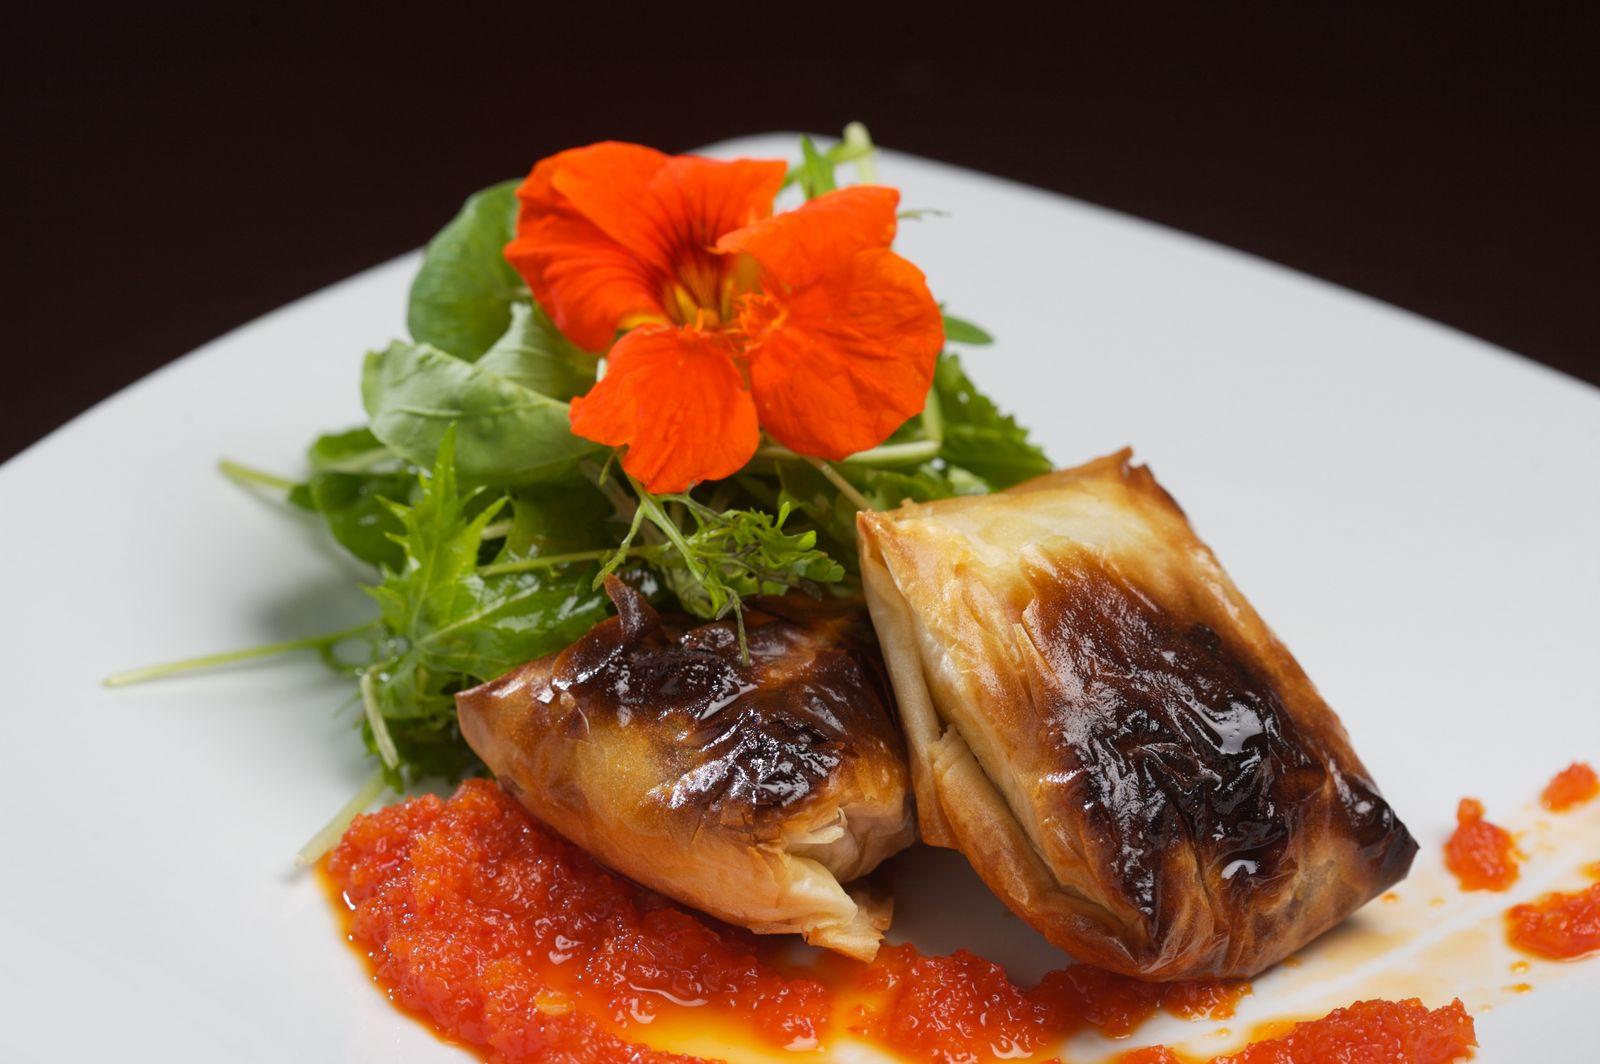 Resultado de imagen para gastronomía italiana gourmet